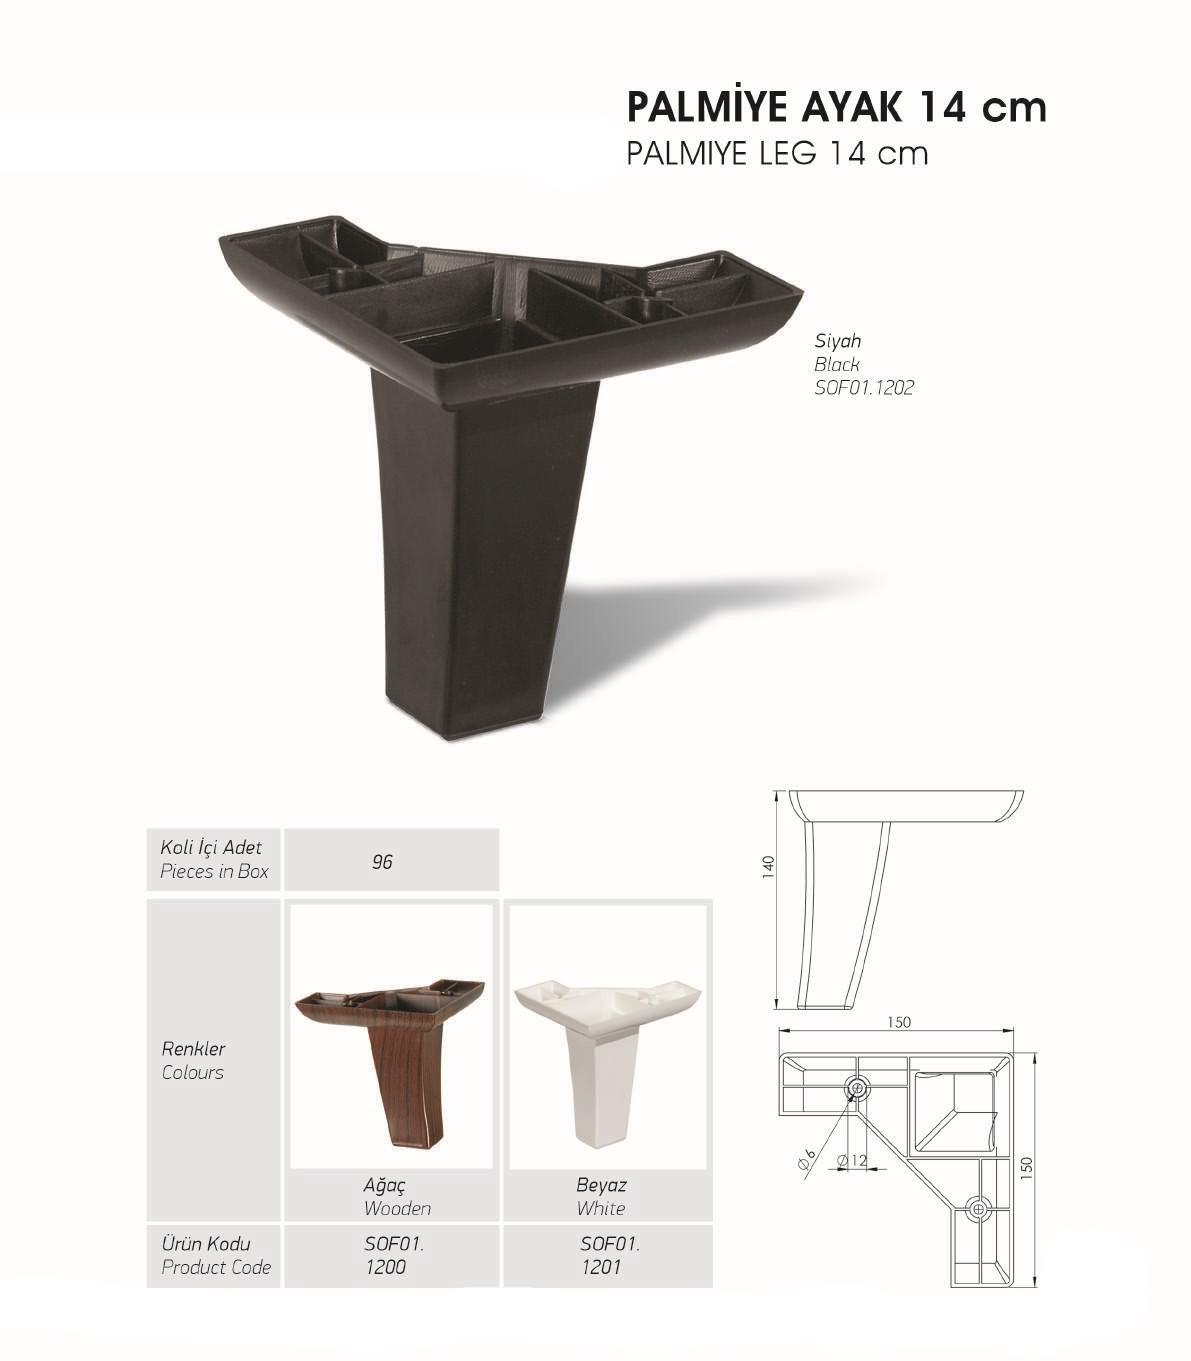 Palmiye Ayak 14 cm